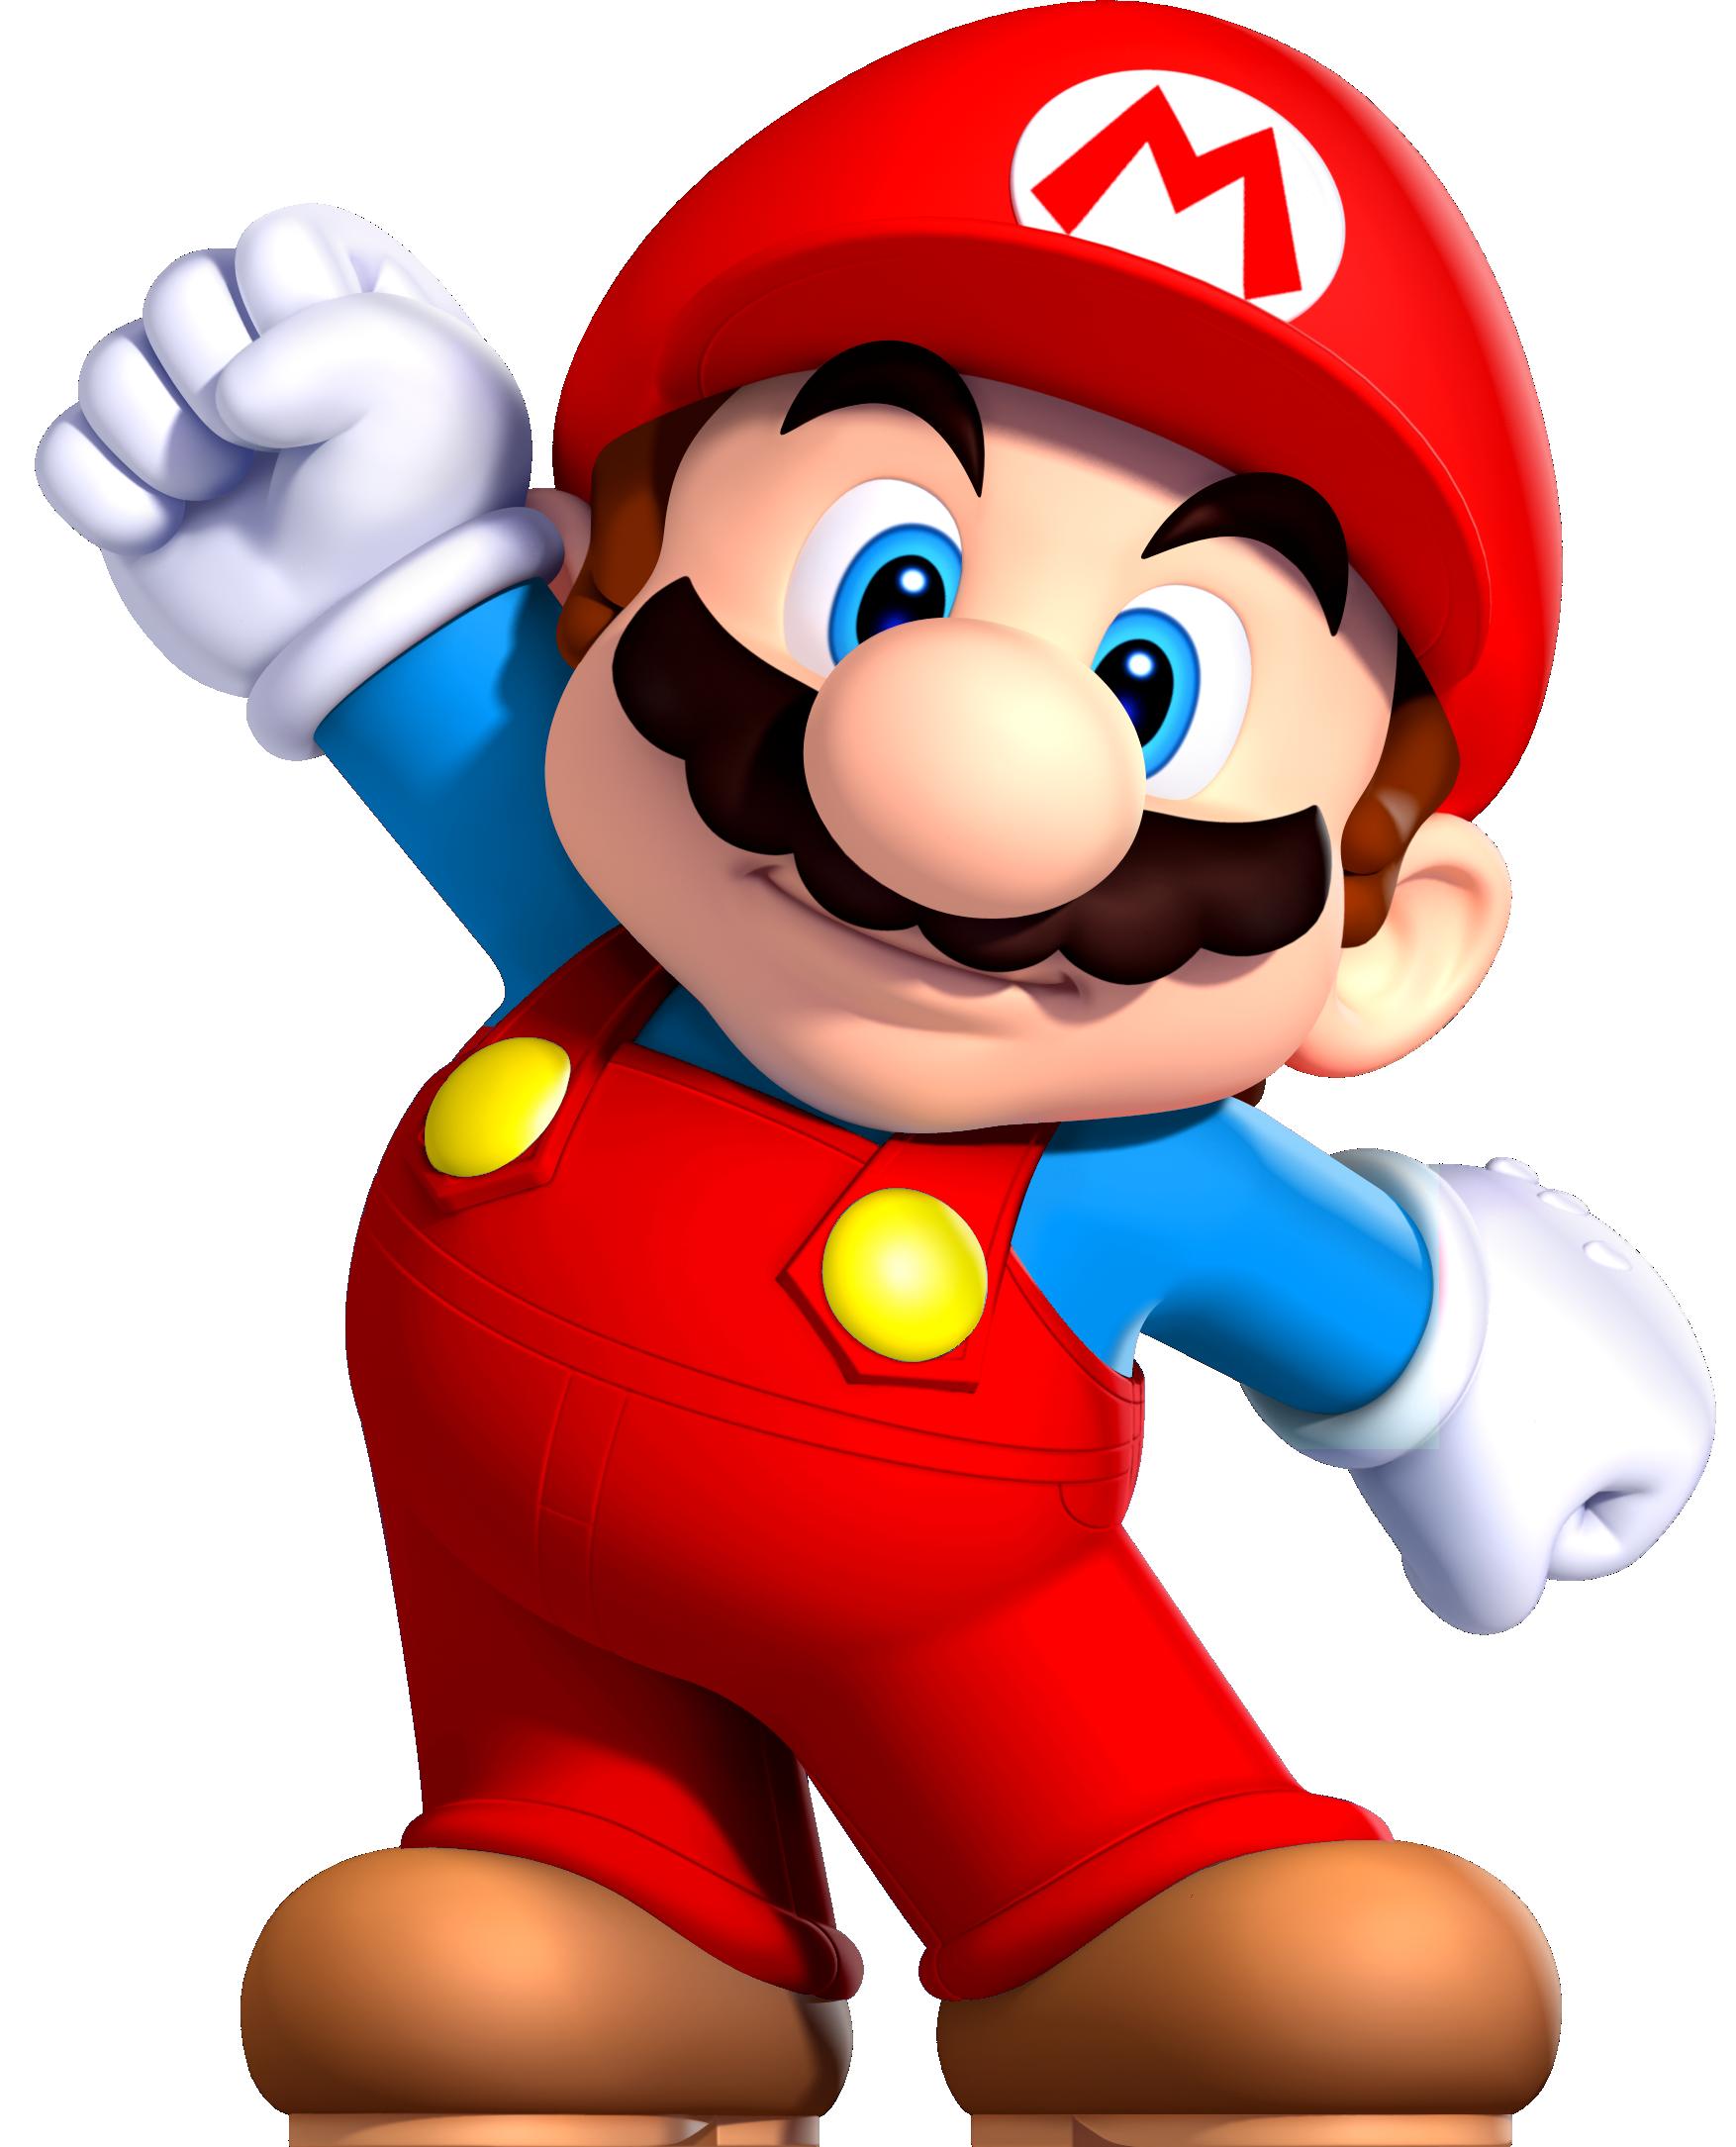 Image Old School Mario Png Fantendo Nintendo Fanon